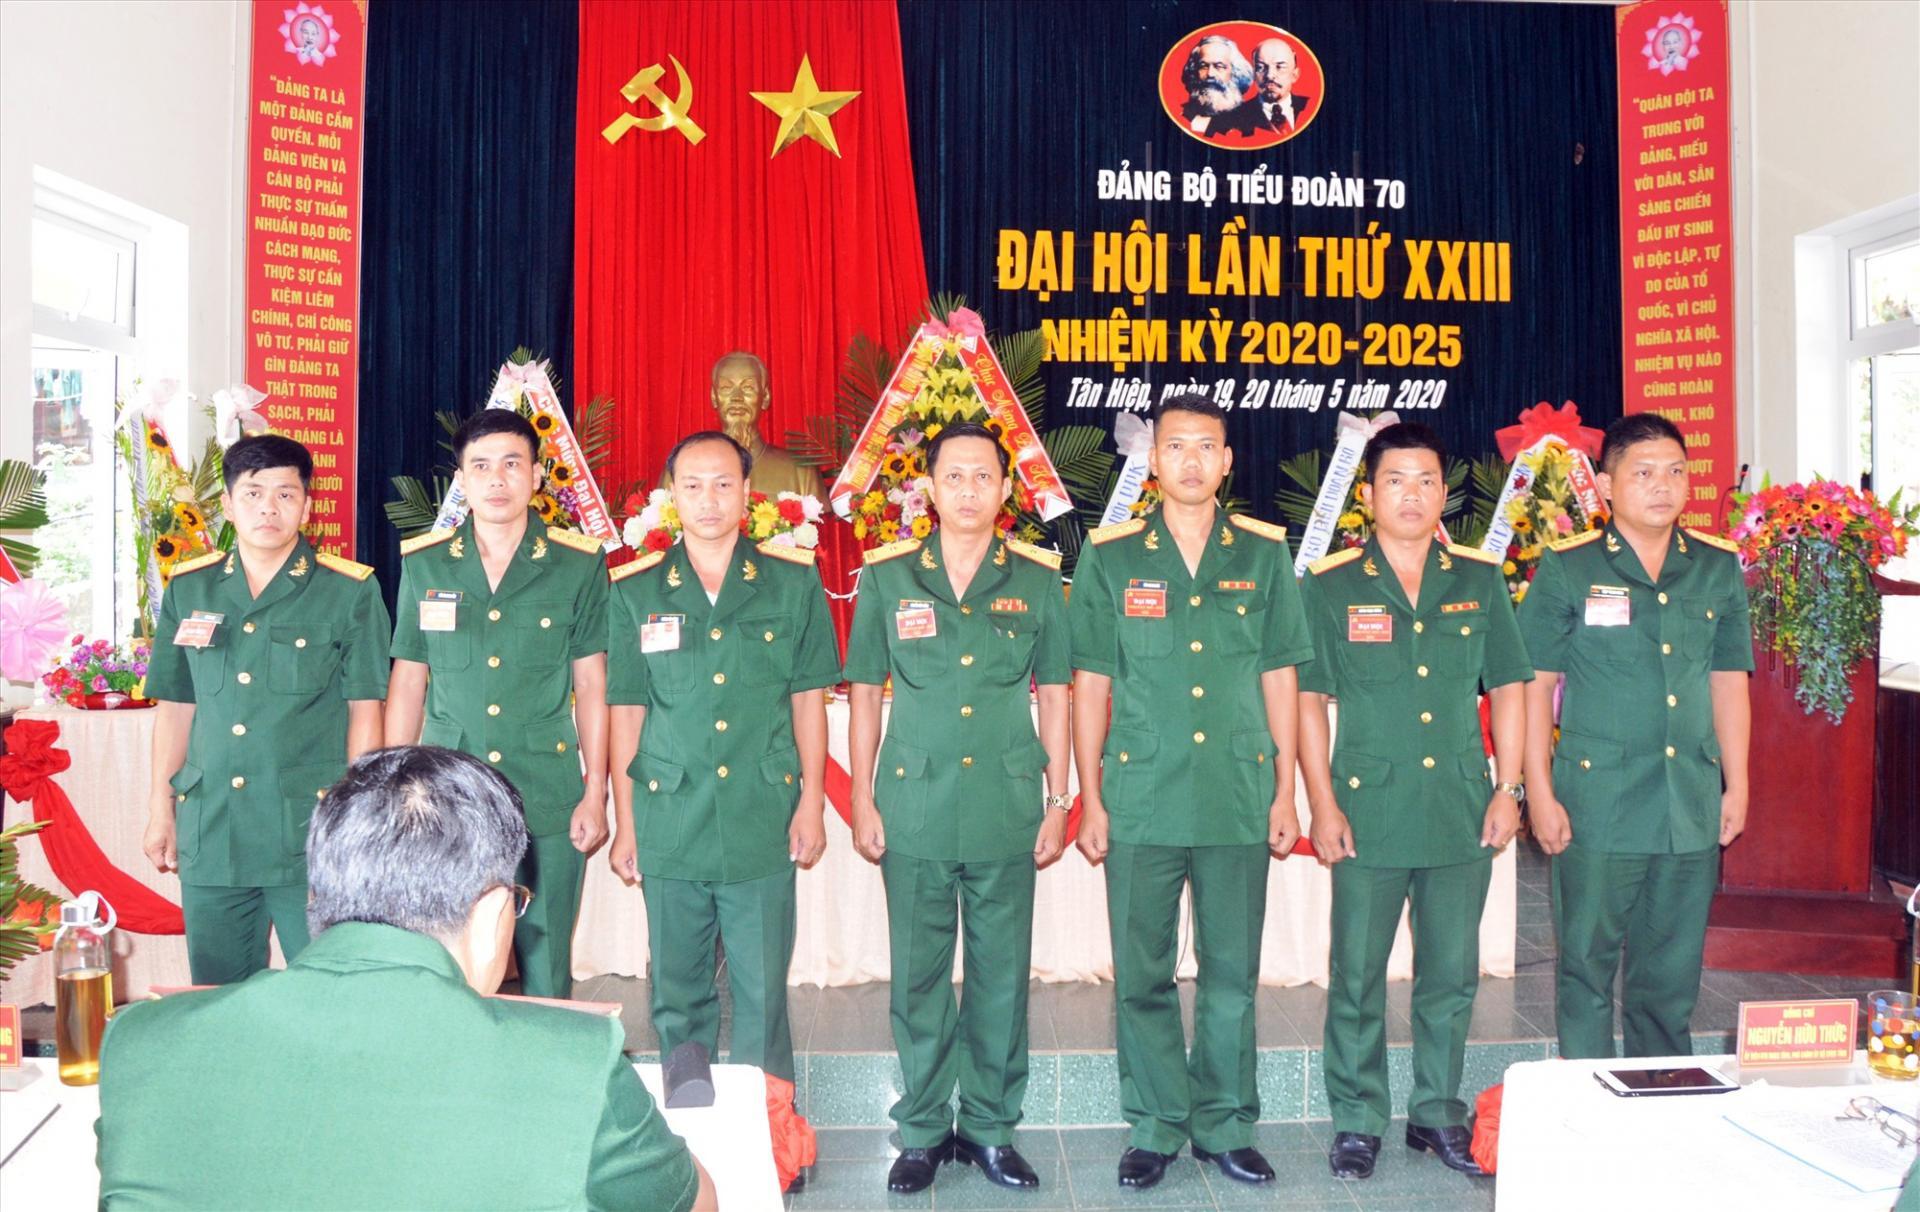 Đại hội Đảng bộ Tiểu đoàn 70 nhiệm kỳ 2020-2025